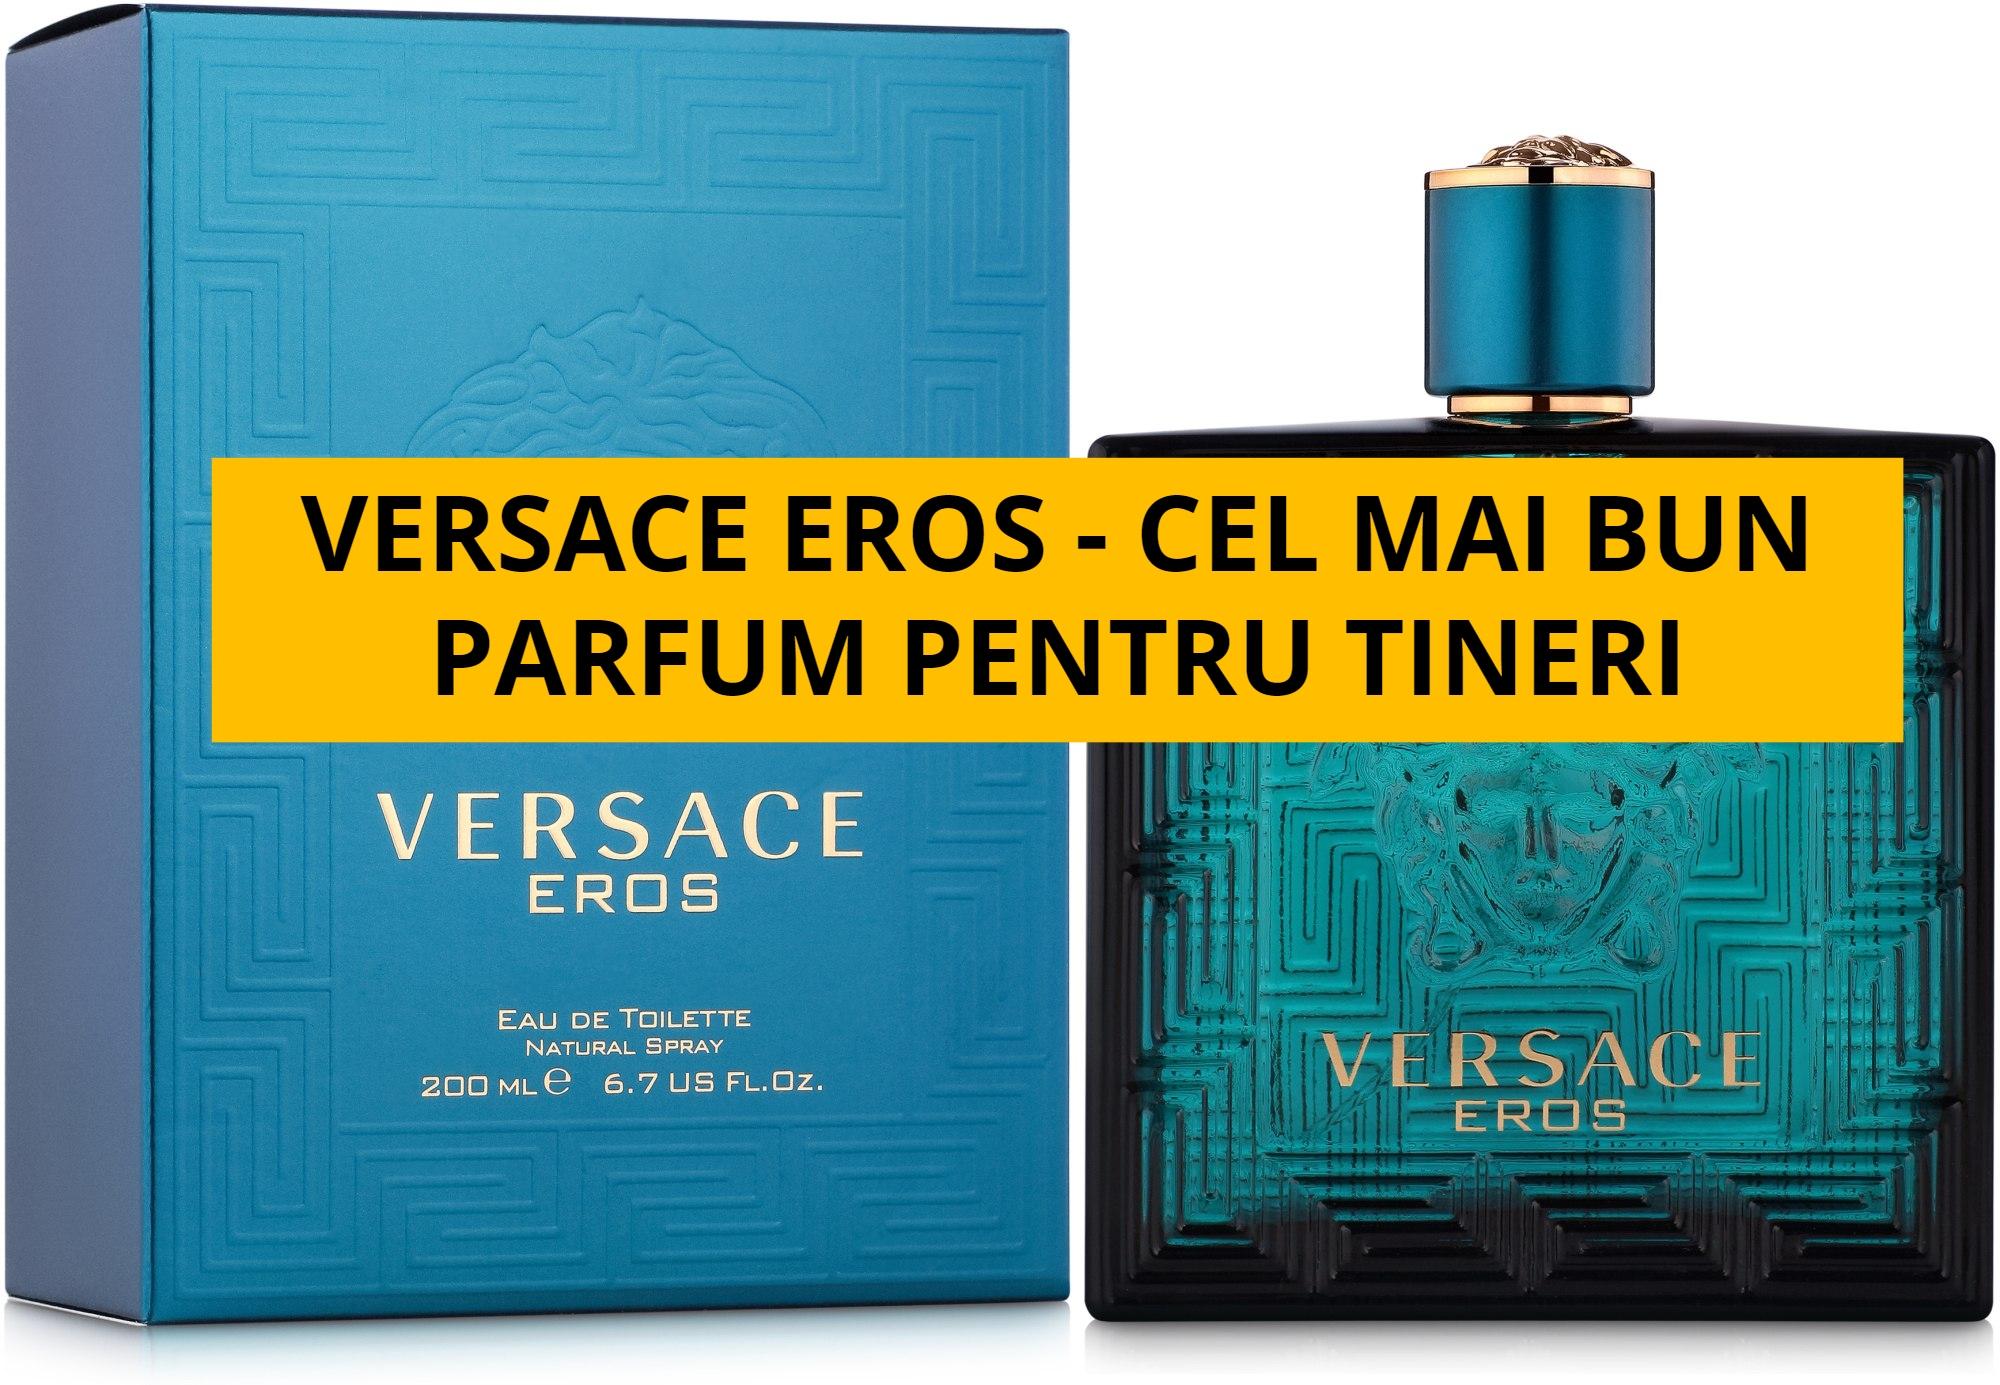 Versace Eros e cel mai bun parfum pentru tineri